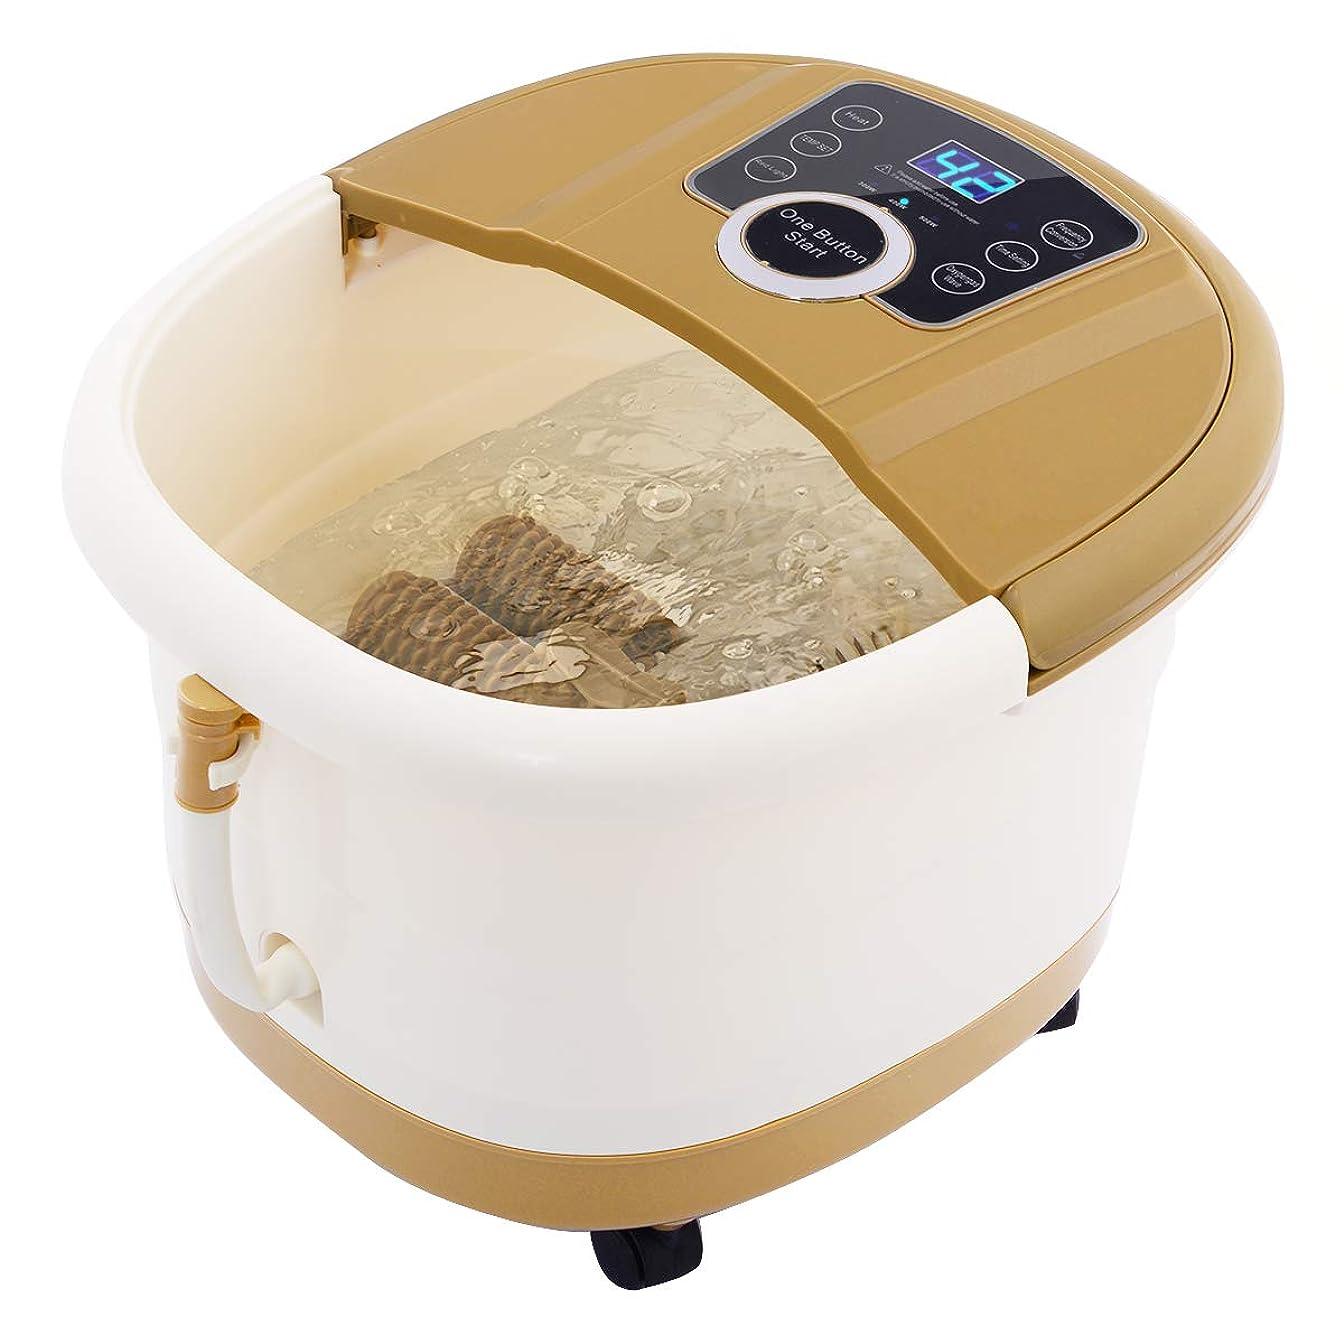 円形の鍔空港Giantex Portable Foot Spa Bath Massager Bubble Heat LED Display Infrared Relax フットバス 足湯器 フットスパ 電動 自動保温